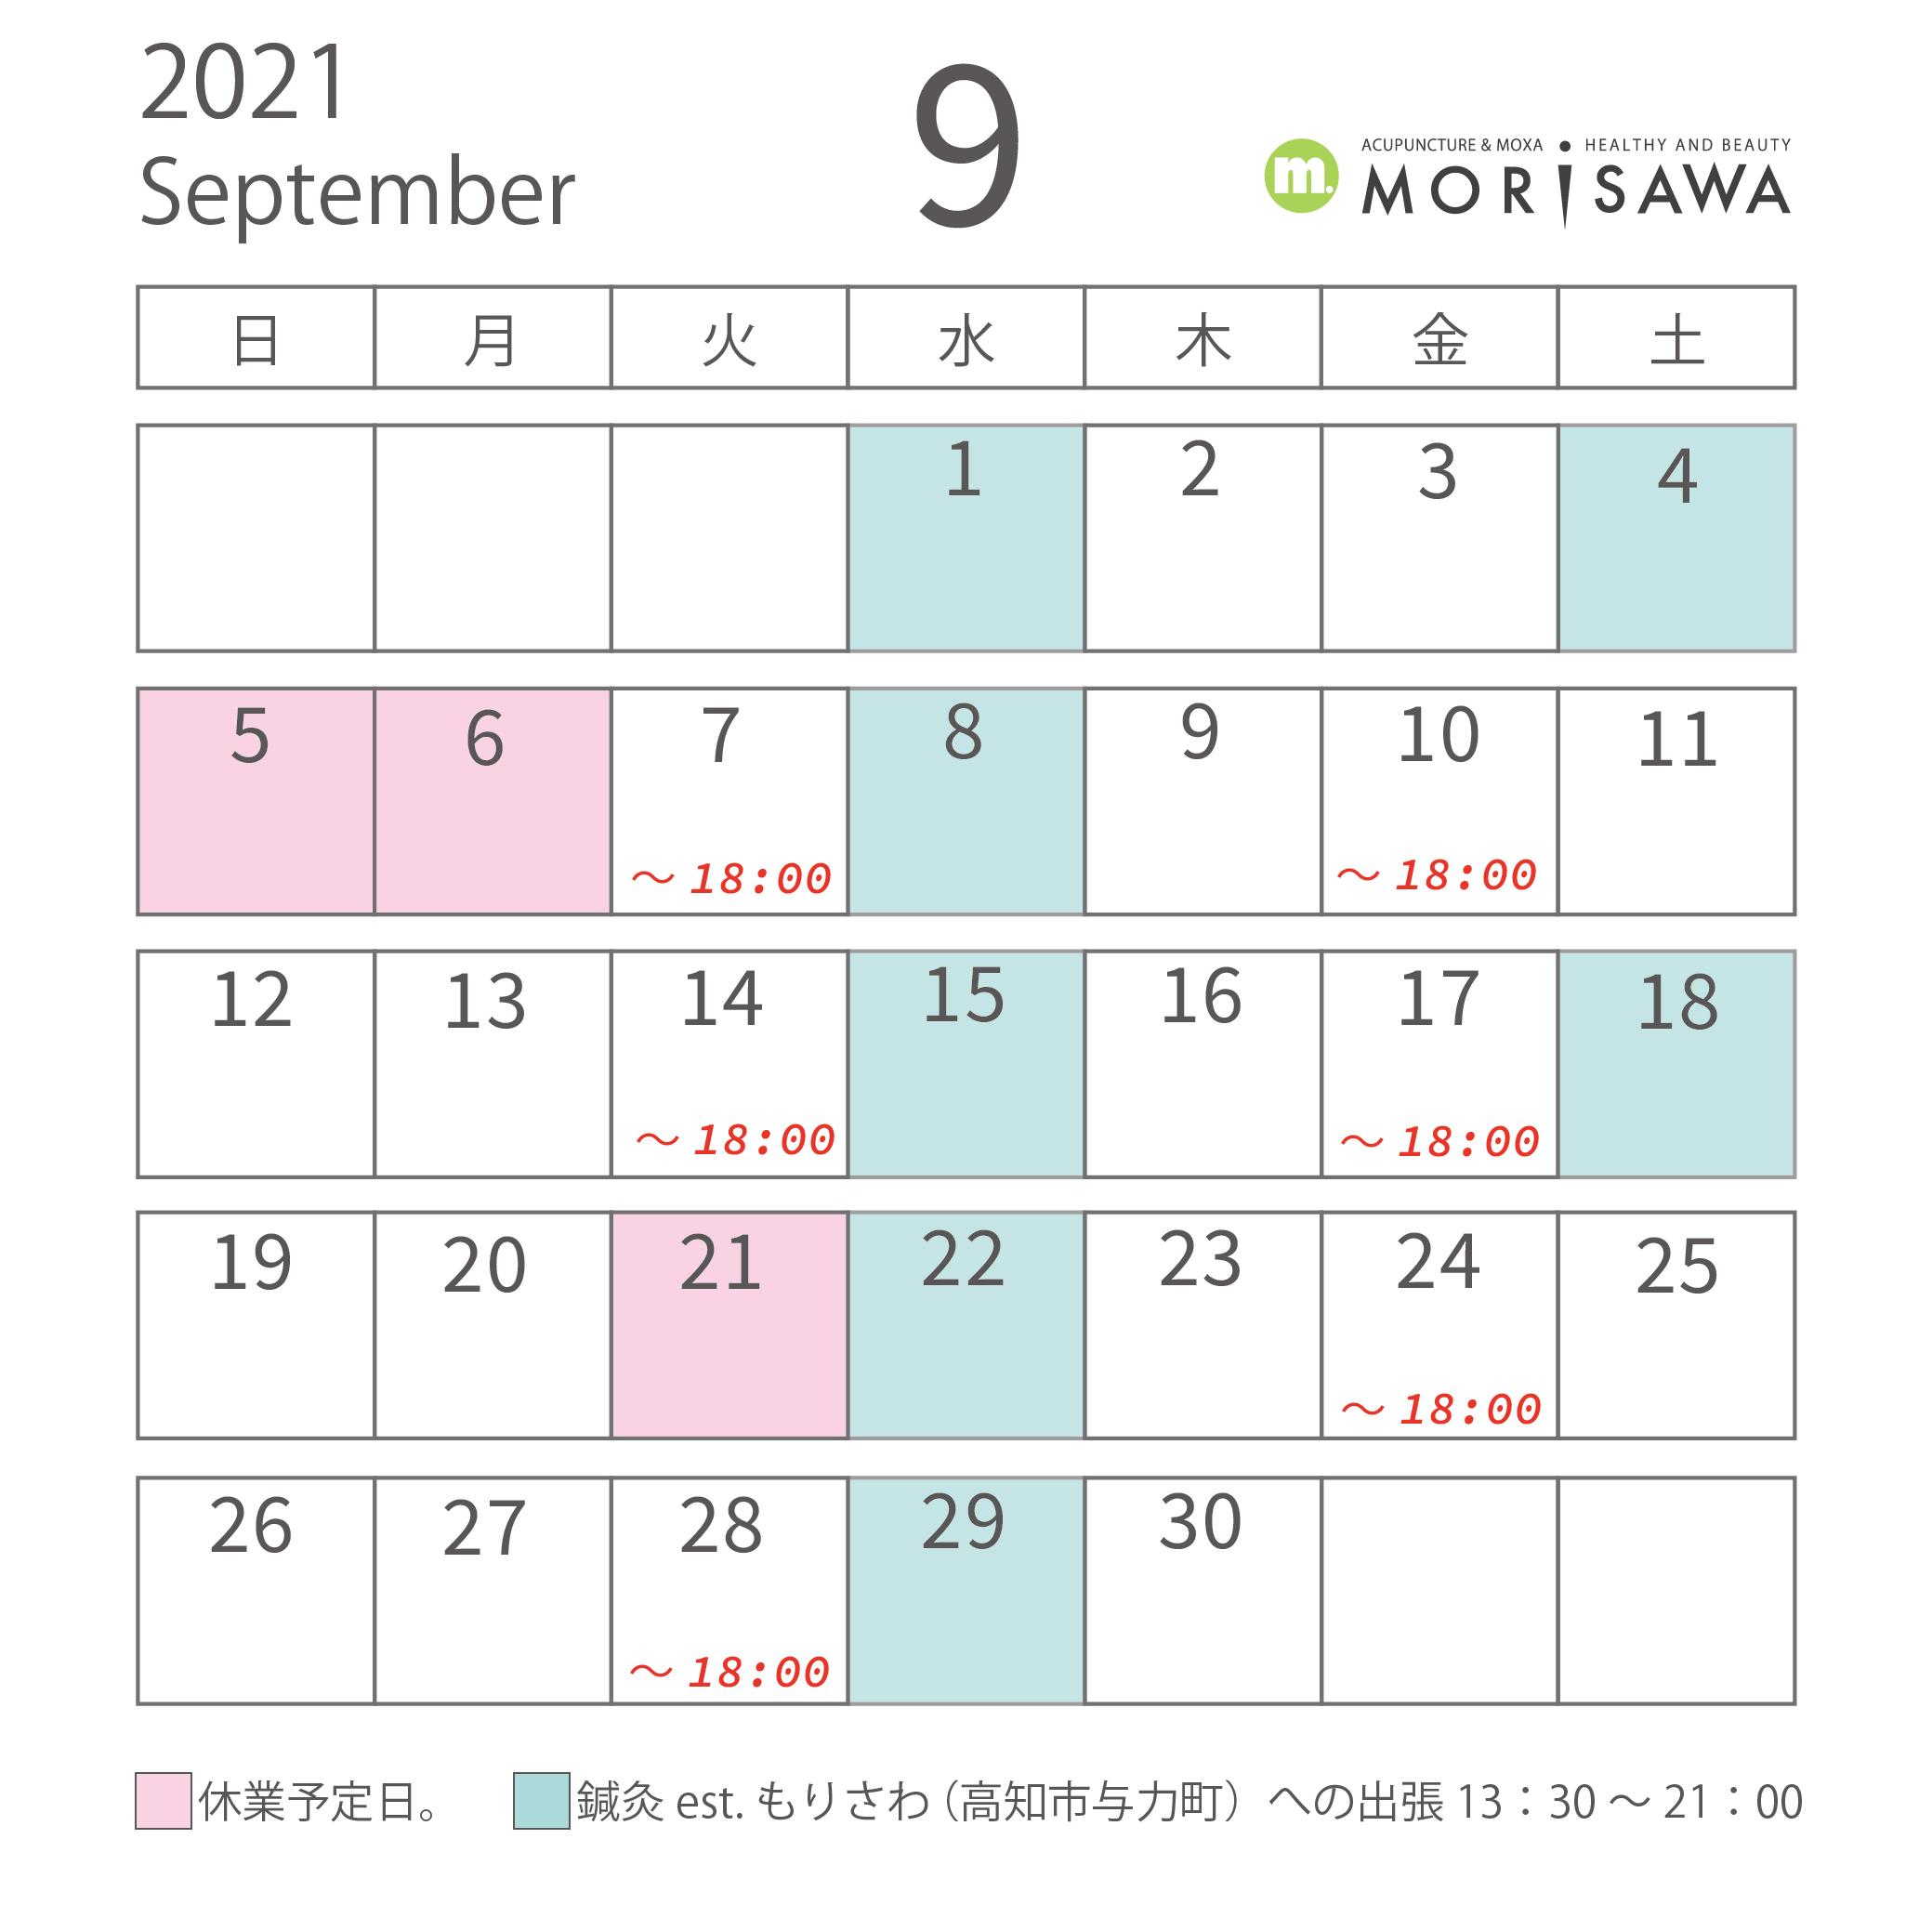 9月度の予定